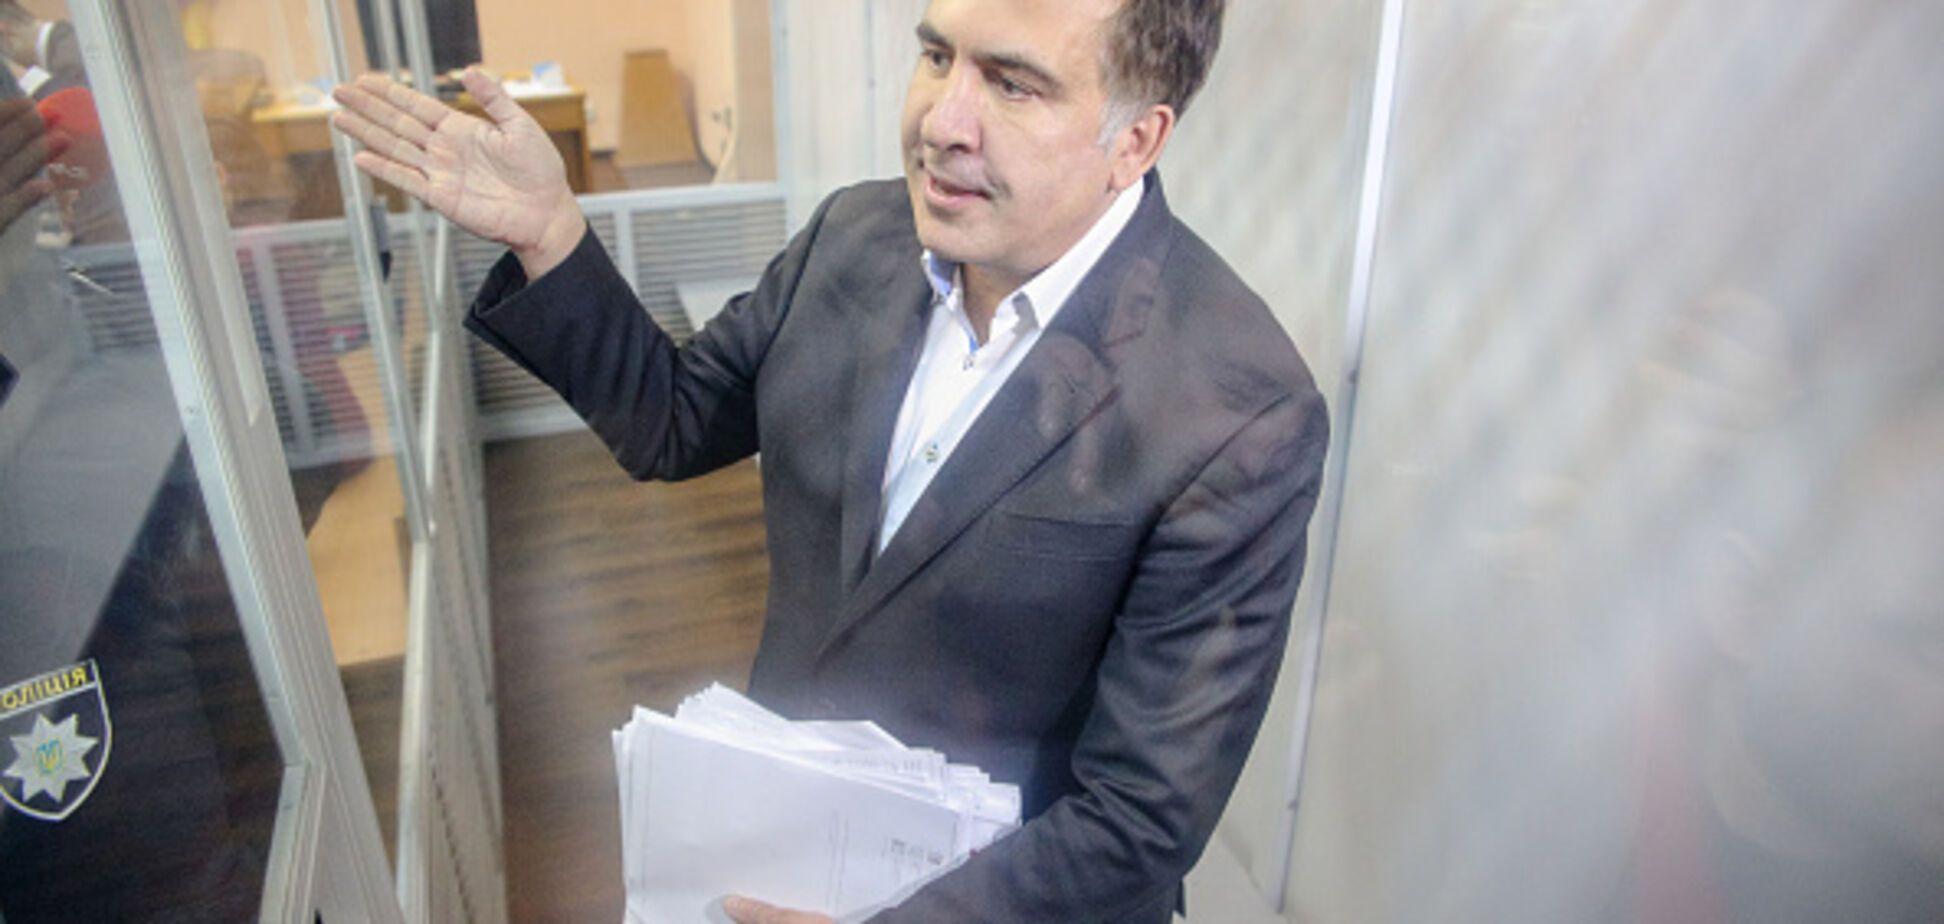 'Нас не касается': у Саакашвили ответили на вызов ГПУ на допрос